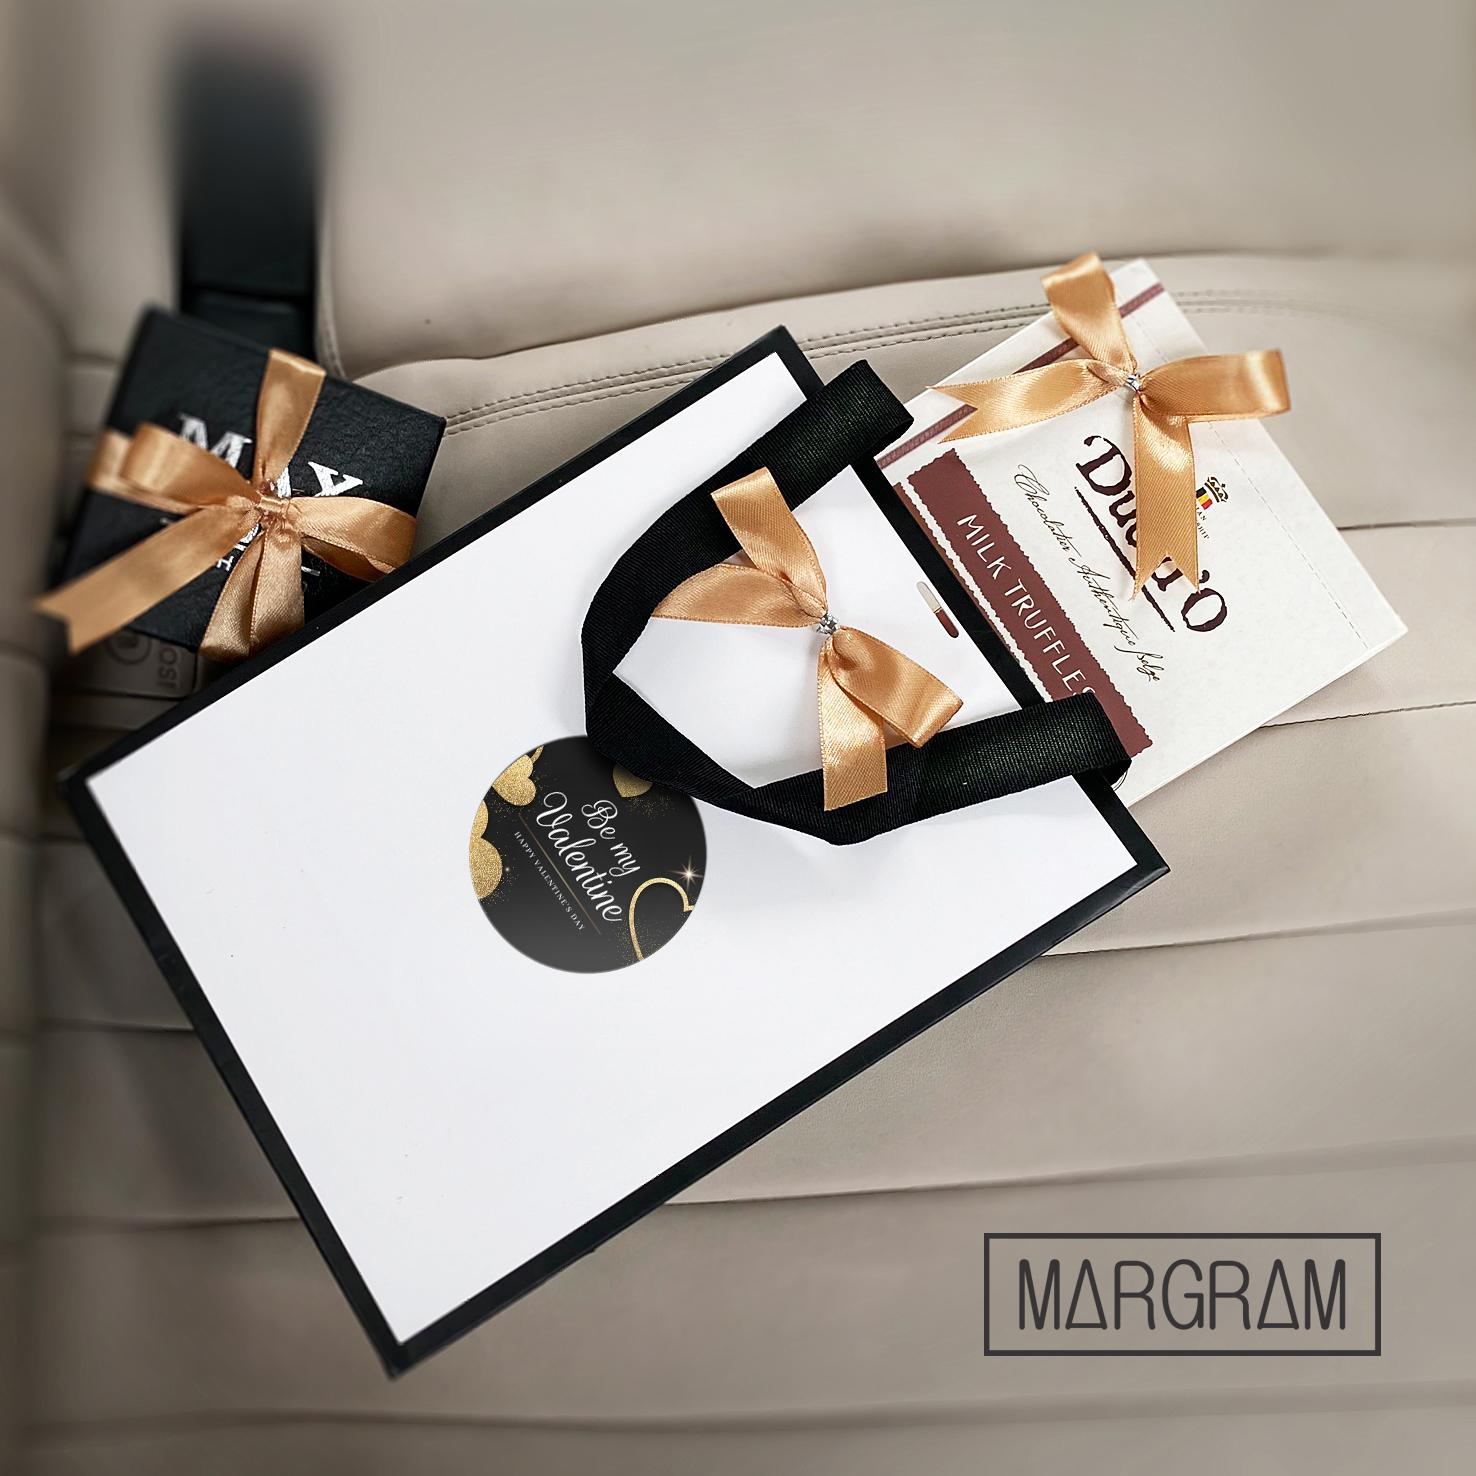 tui-valentine-margram-04